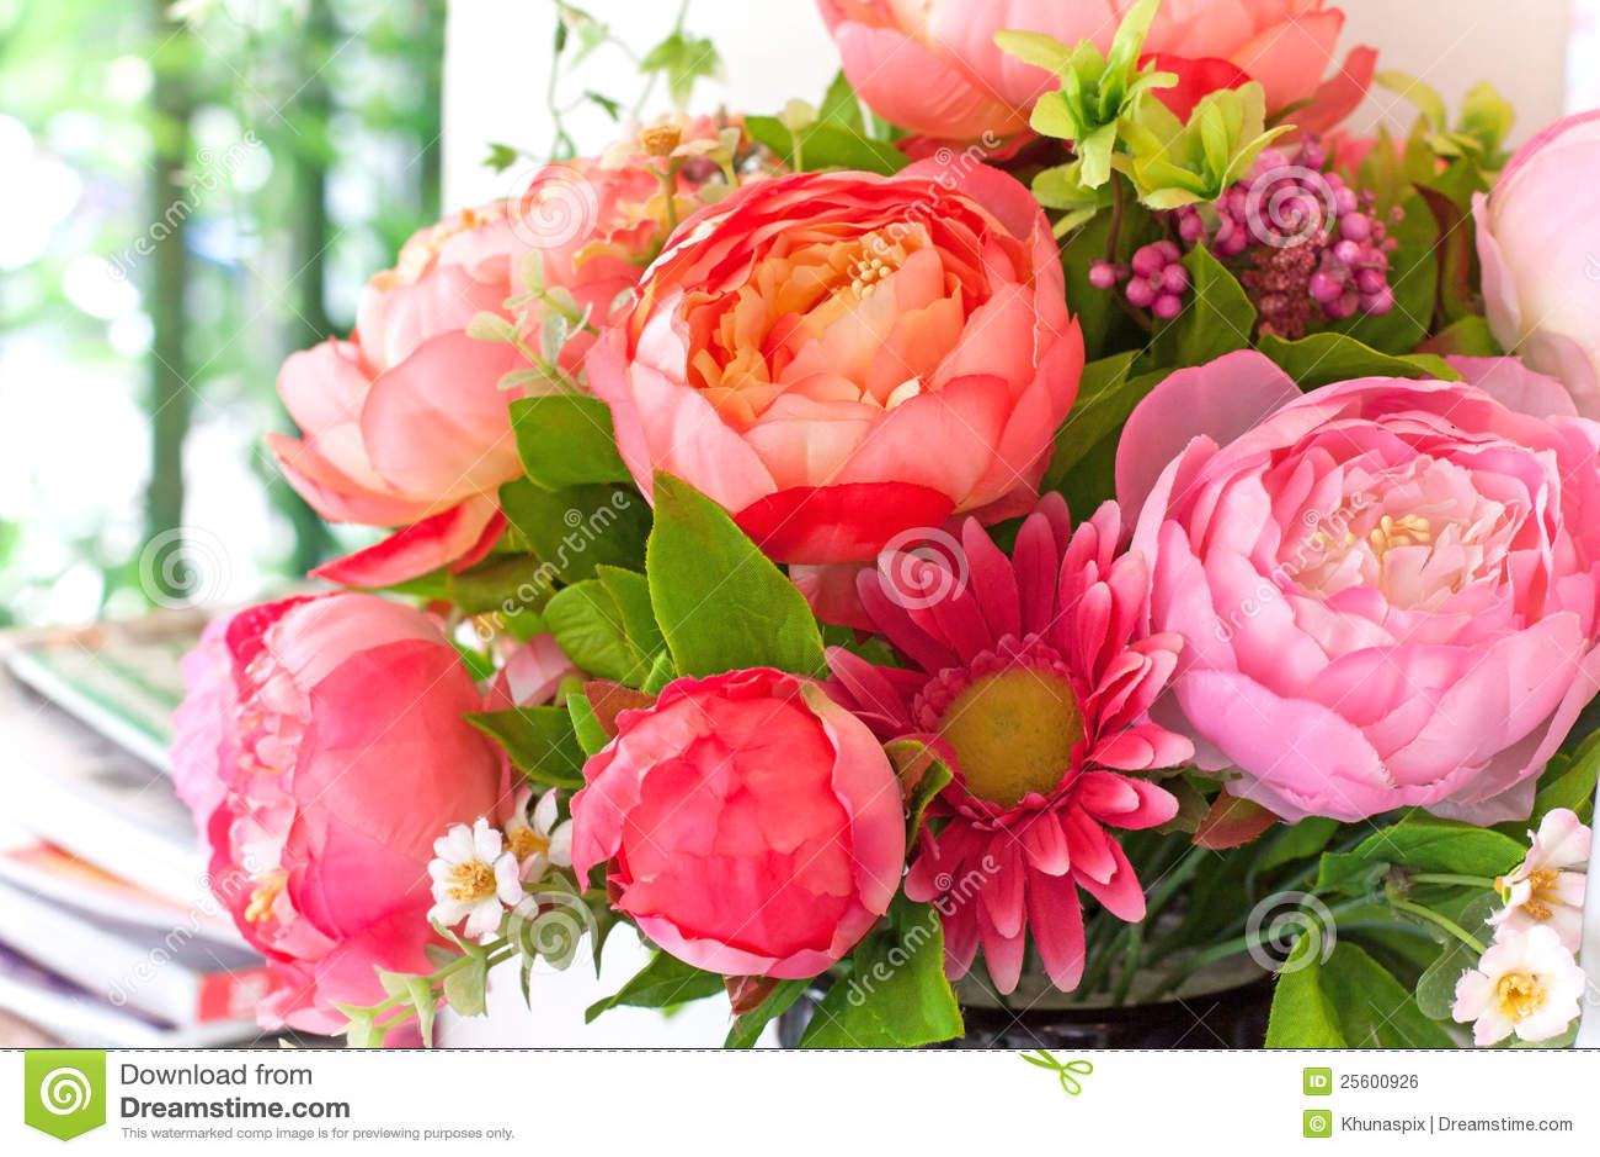 Het boeket van bloemen schikt voor decoratie in huis royalty vrije stock afbeelding afbeelding - Afbeelding van huisdecoratie ...